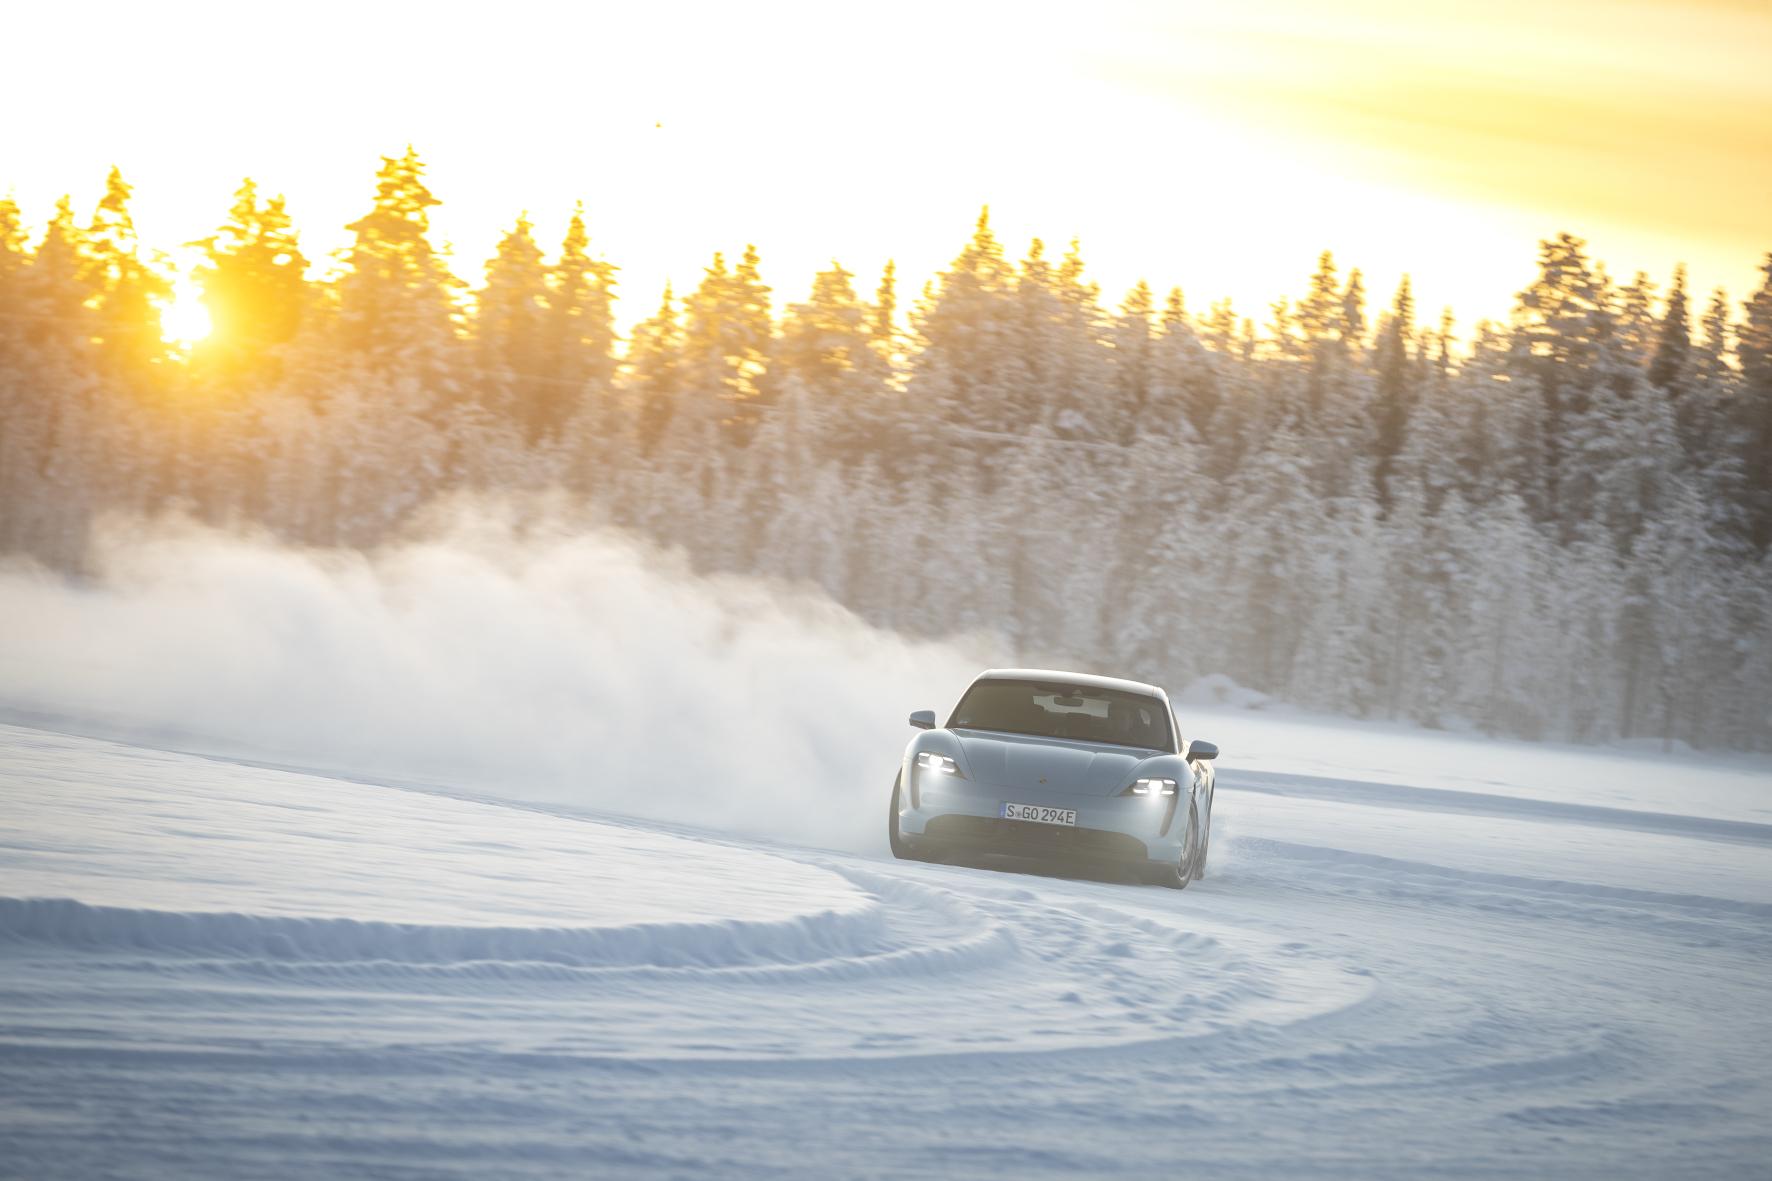 Test unter härtesten Bedingungen: Das Porsche-Testgelände liegt im Polarkreis.